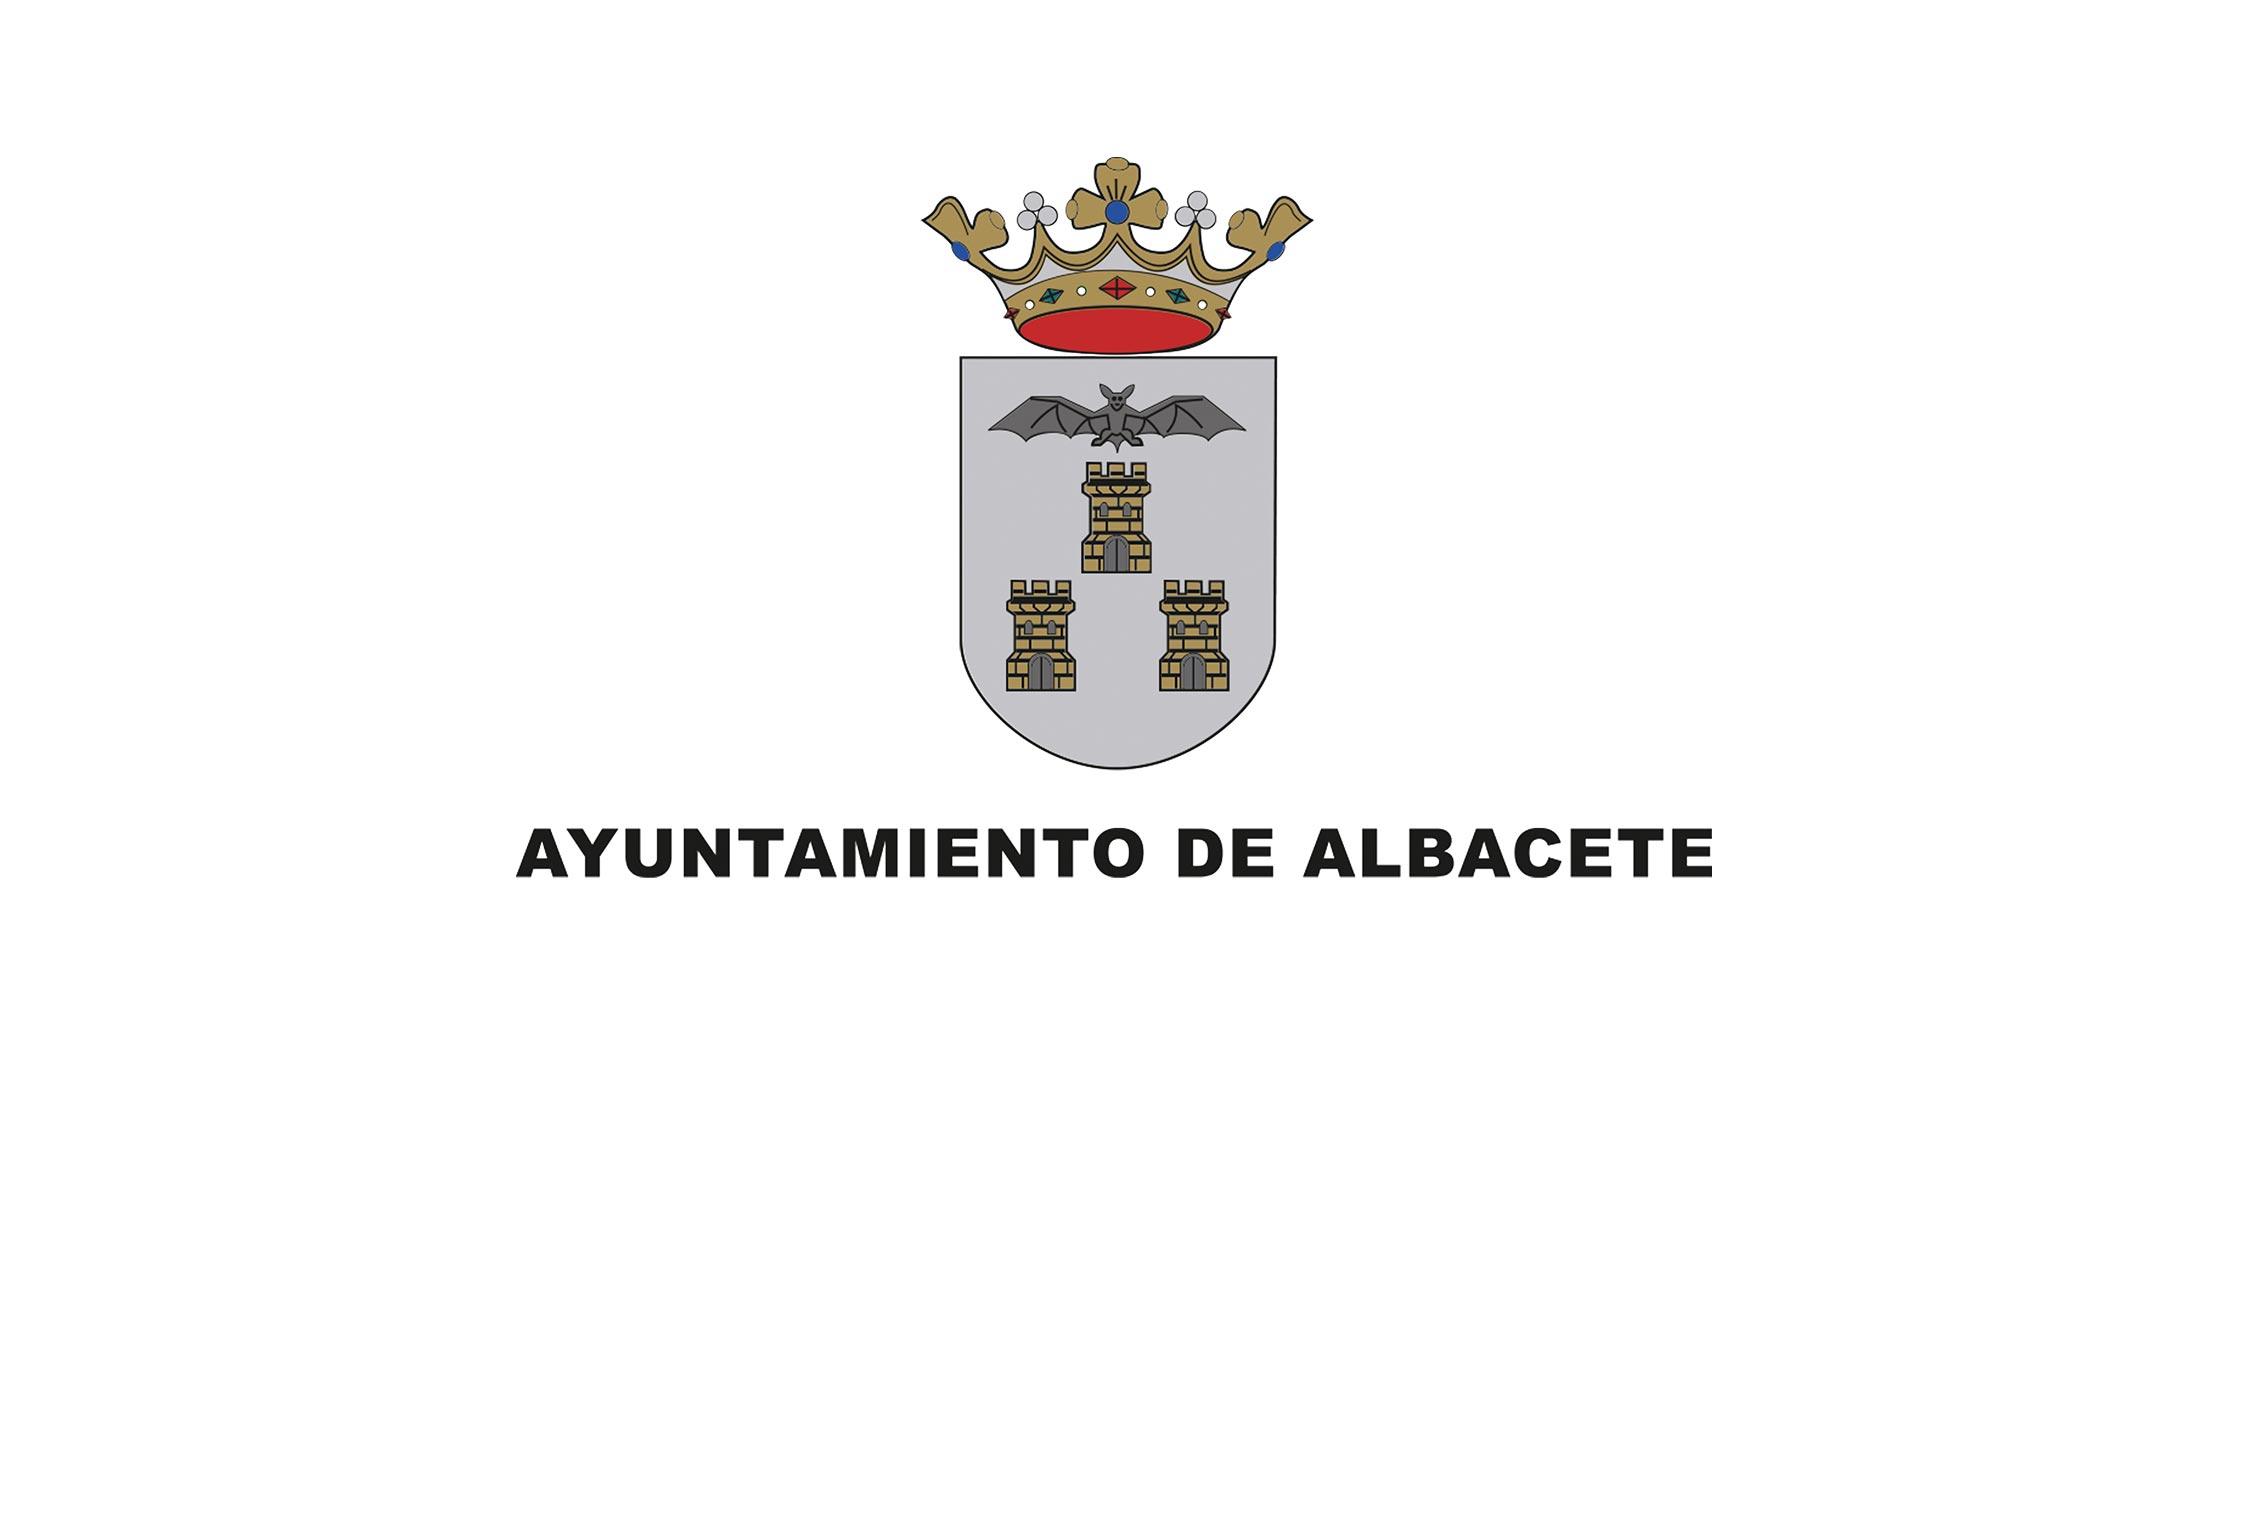 Inaugurado el nuevo centro sociocultural de Albacete